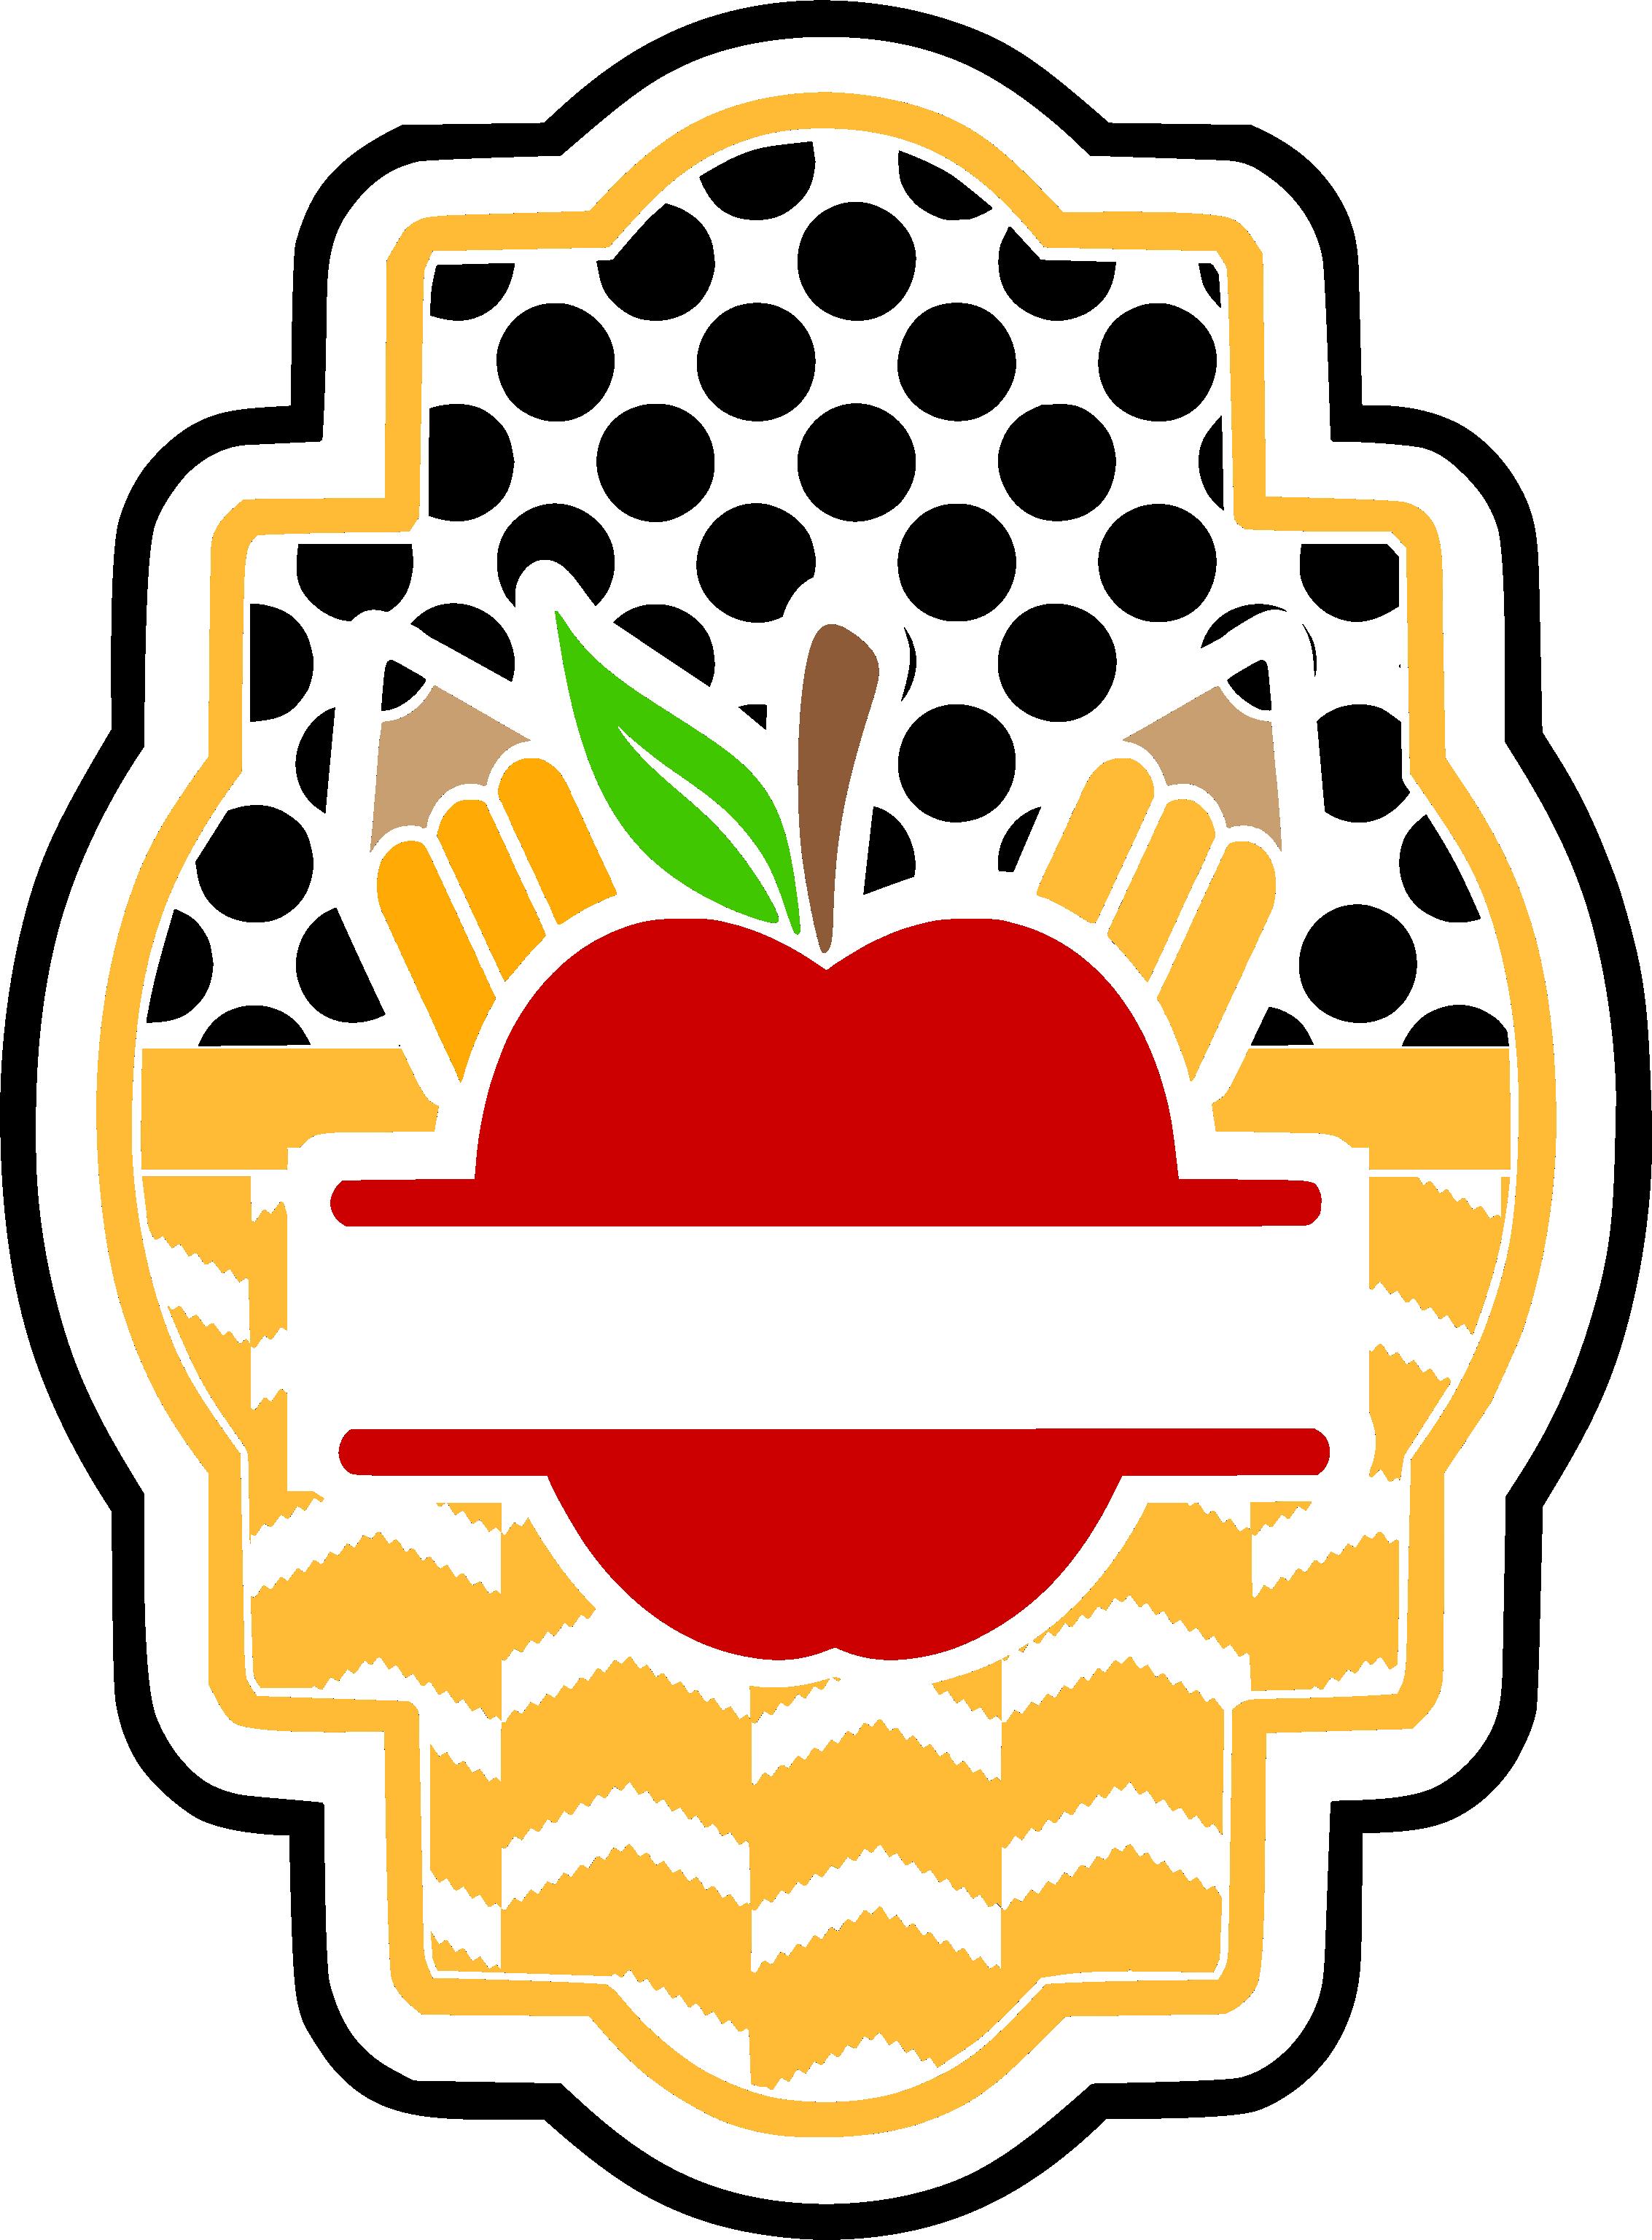 Clipart backpack unzip. School apple pattern blank